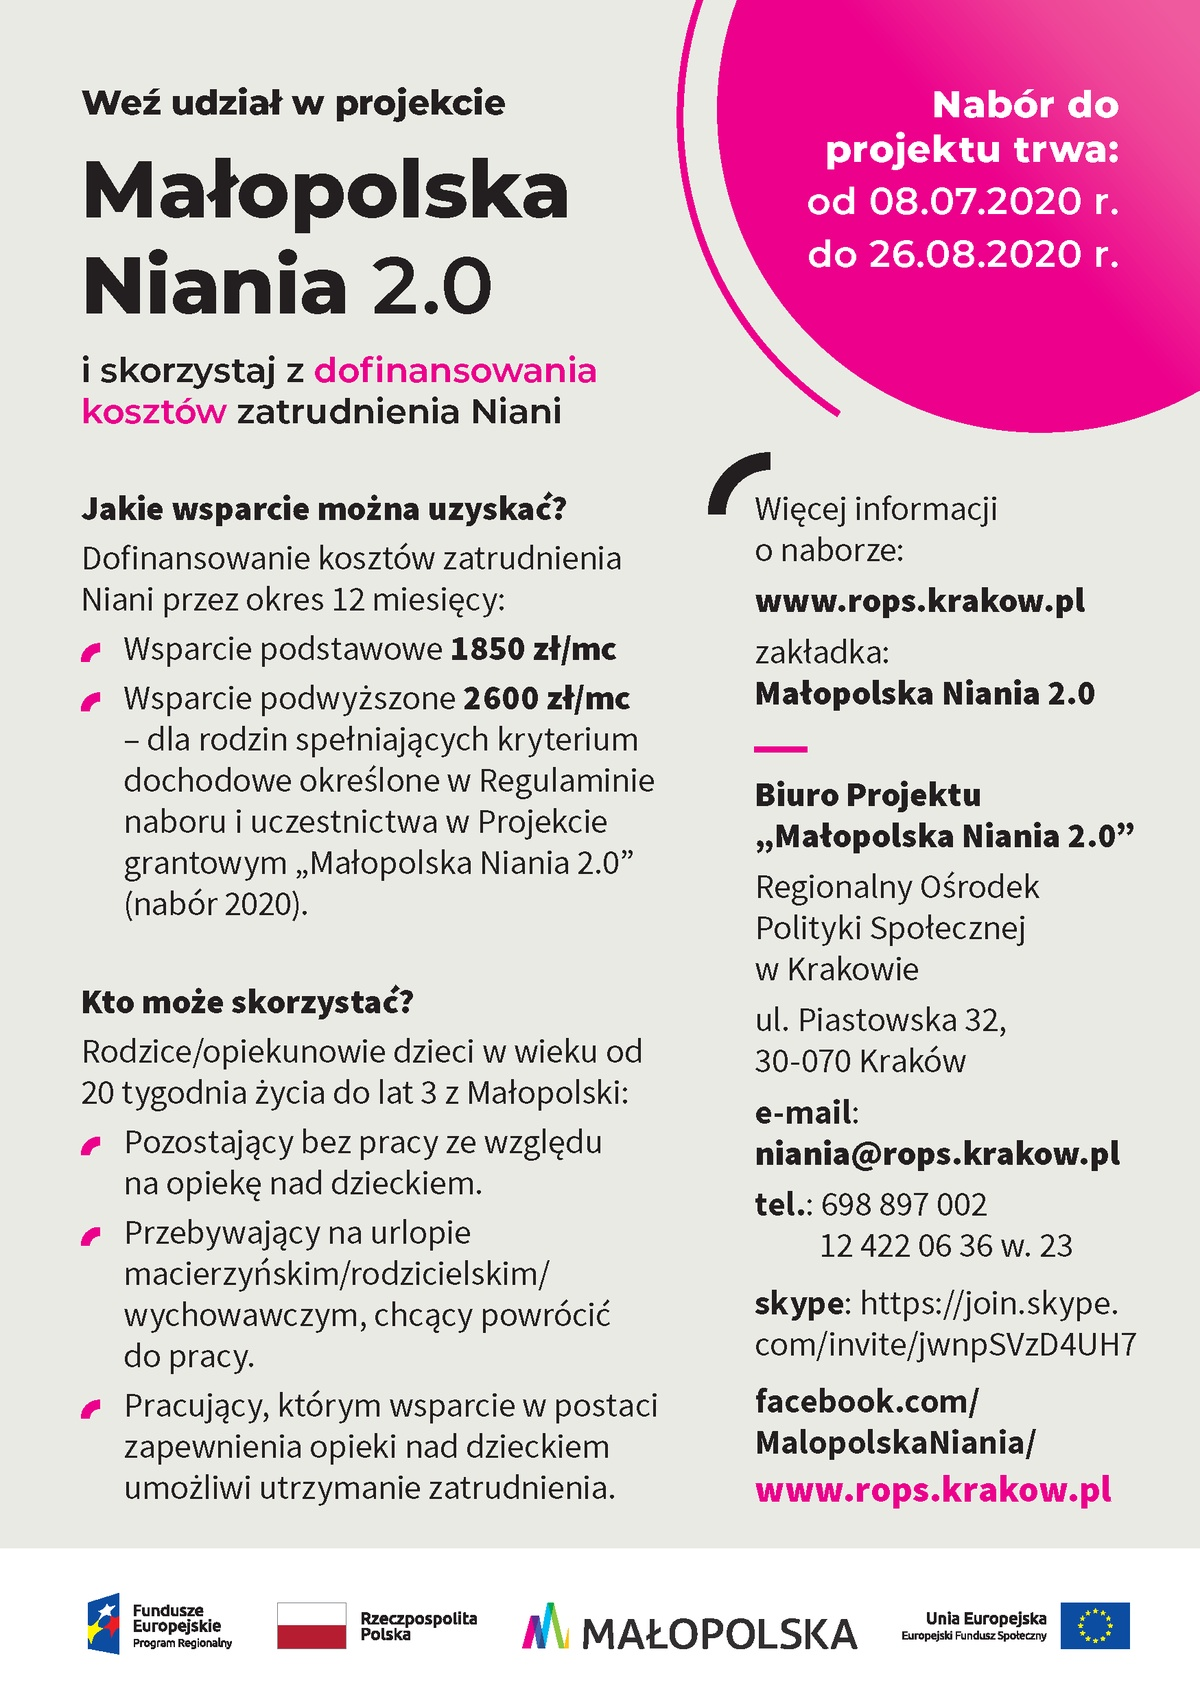 Małopolska Niania 2.0 - ulotka informacyjna